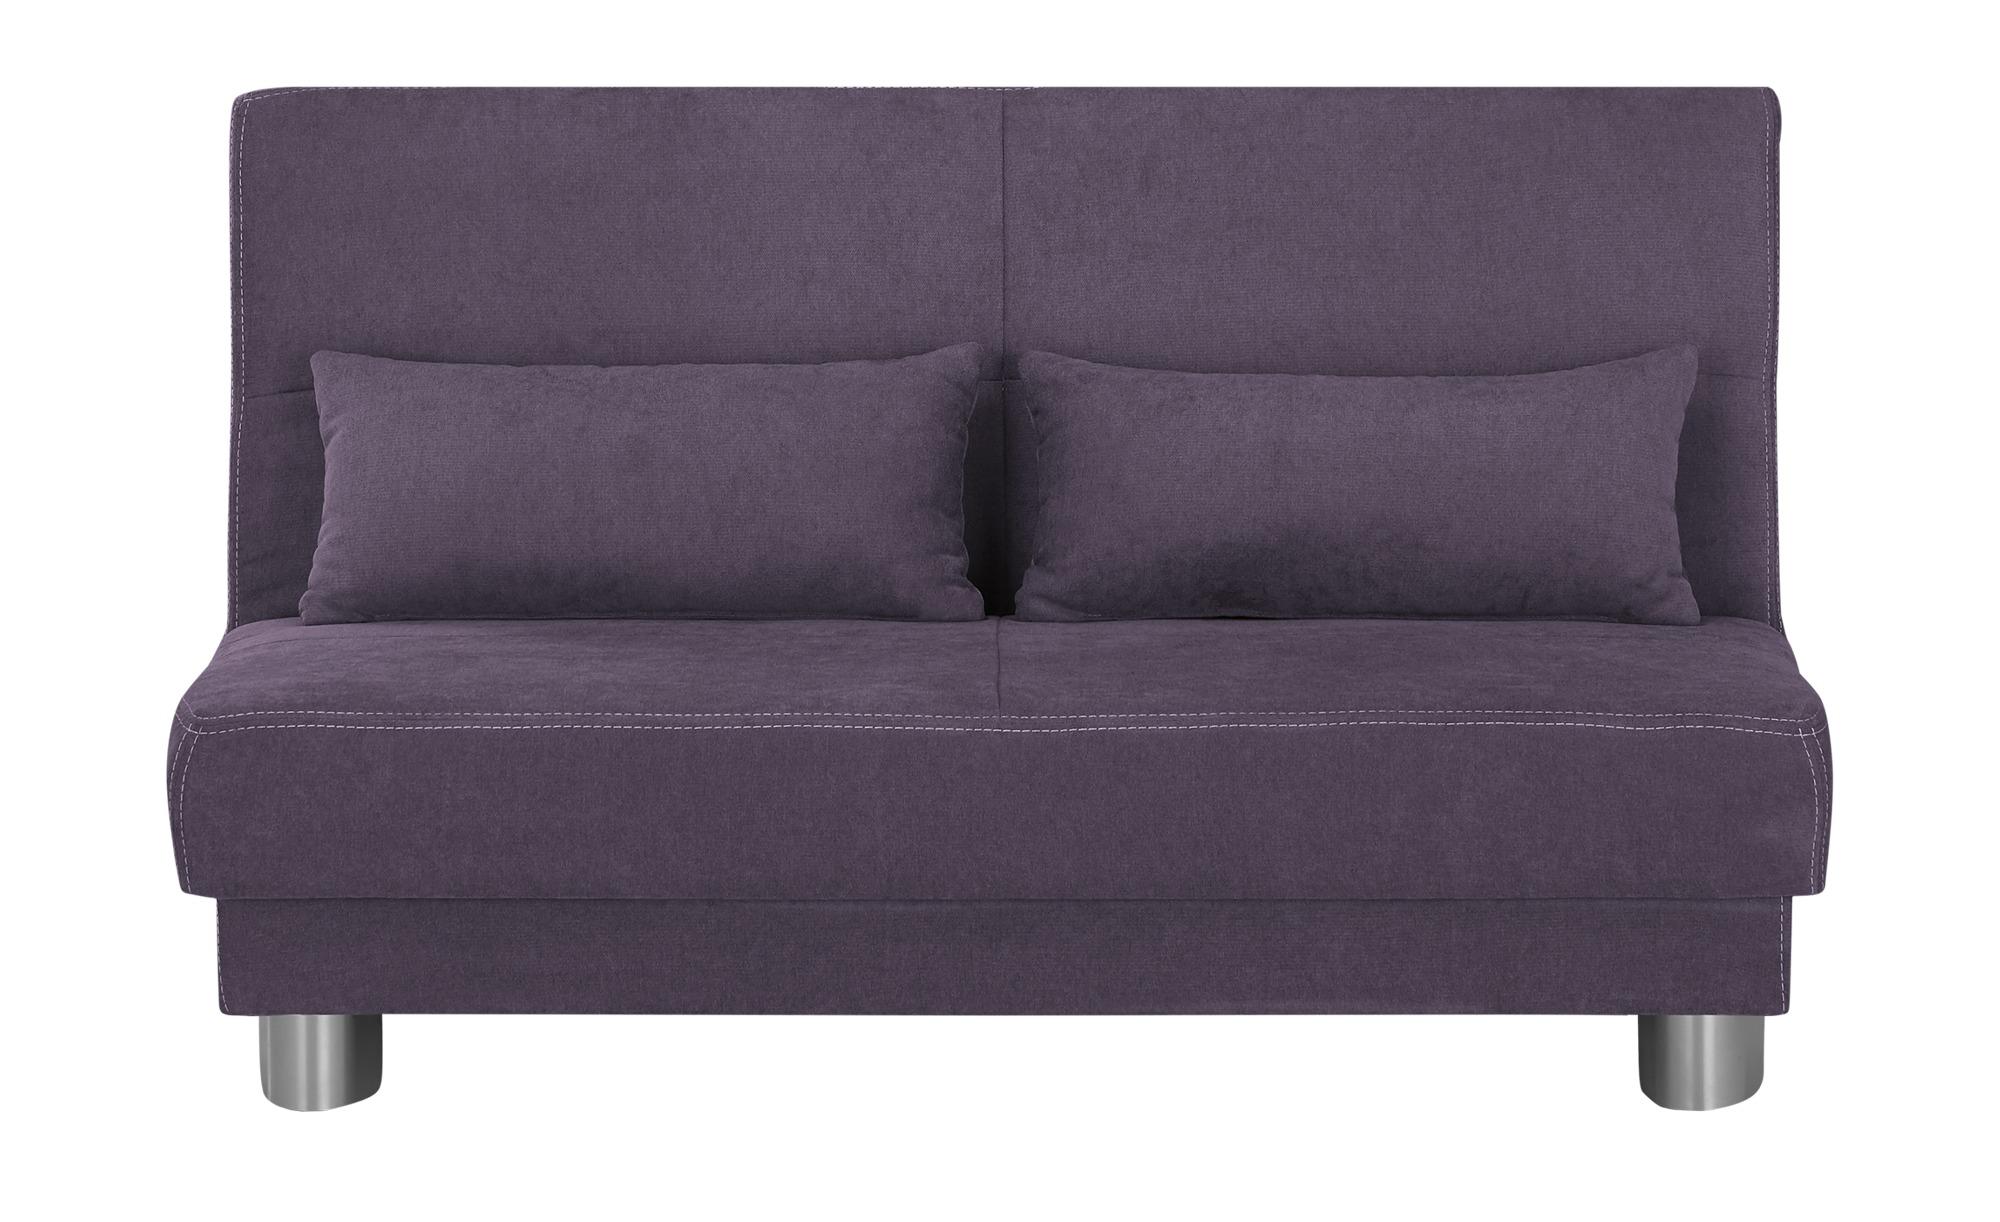 Schlafsofa  Gina ¦ lila/violett ¦ Maße (cm): B: 120 H: 86 T: 95 Polstermöbel > Sofas > Einzelsofas - Höffner